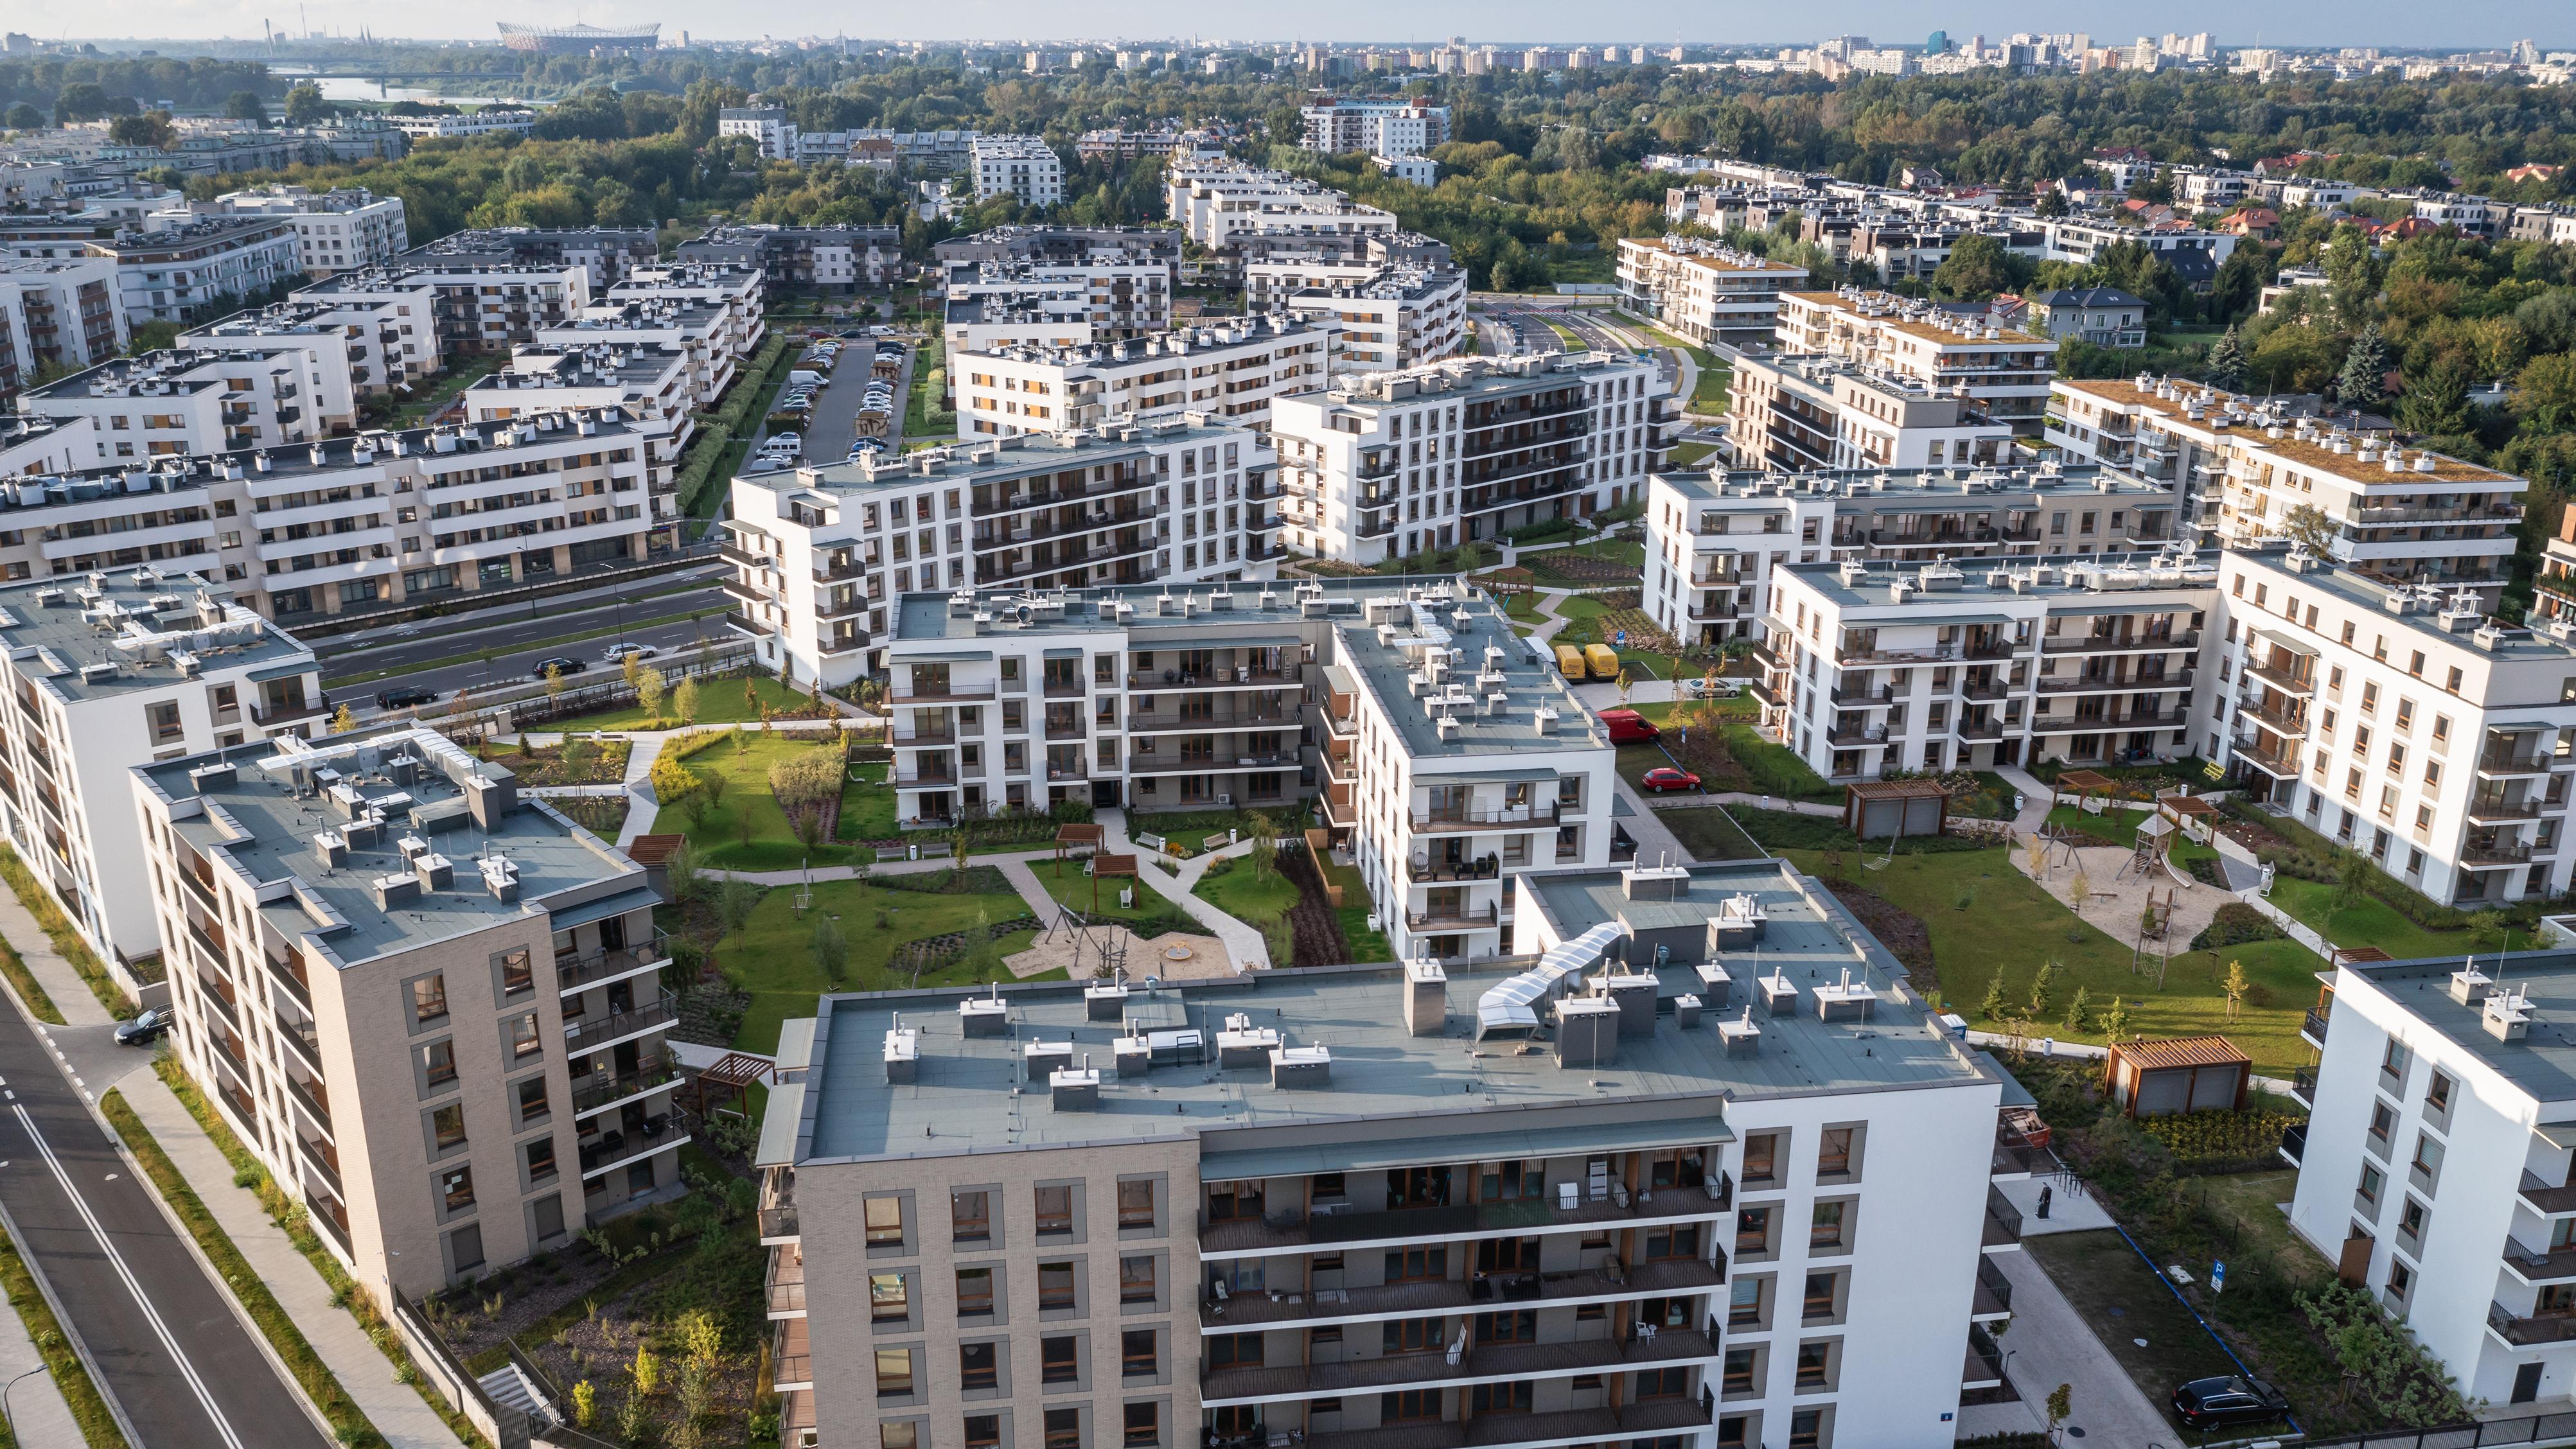 Wynajem mieszkania przez cudzoziemca - co trzeba wiedzieć